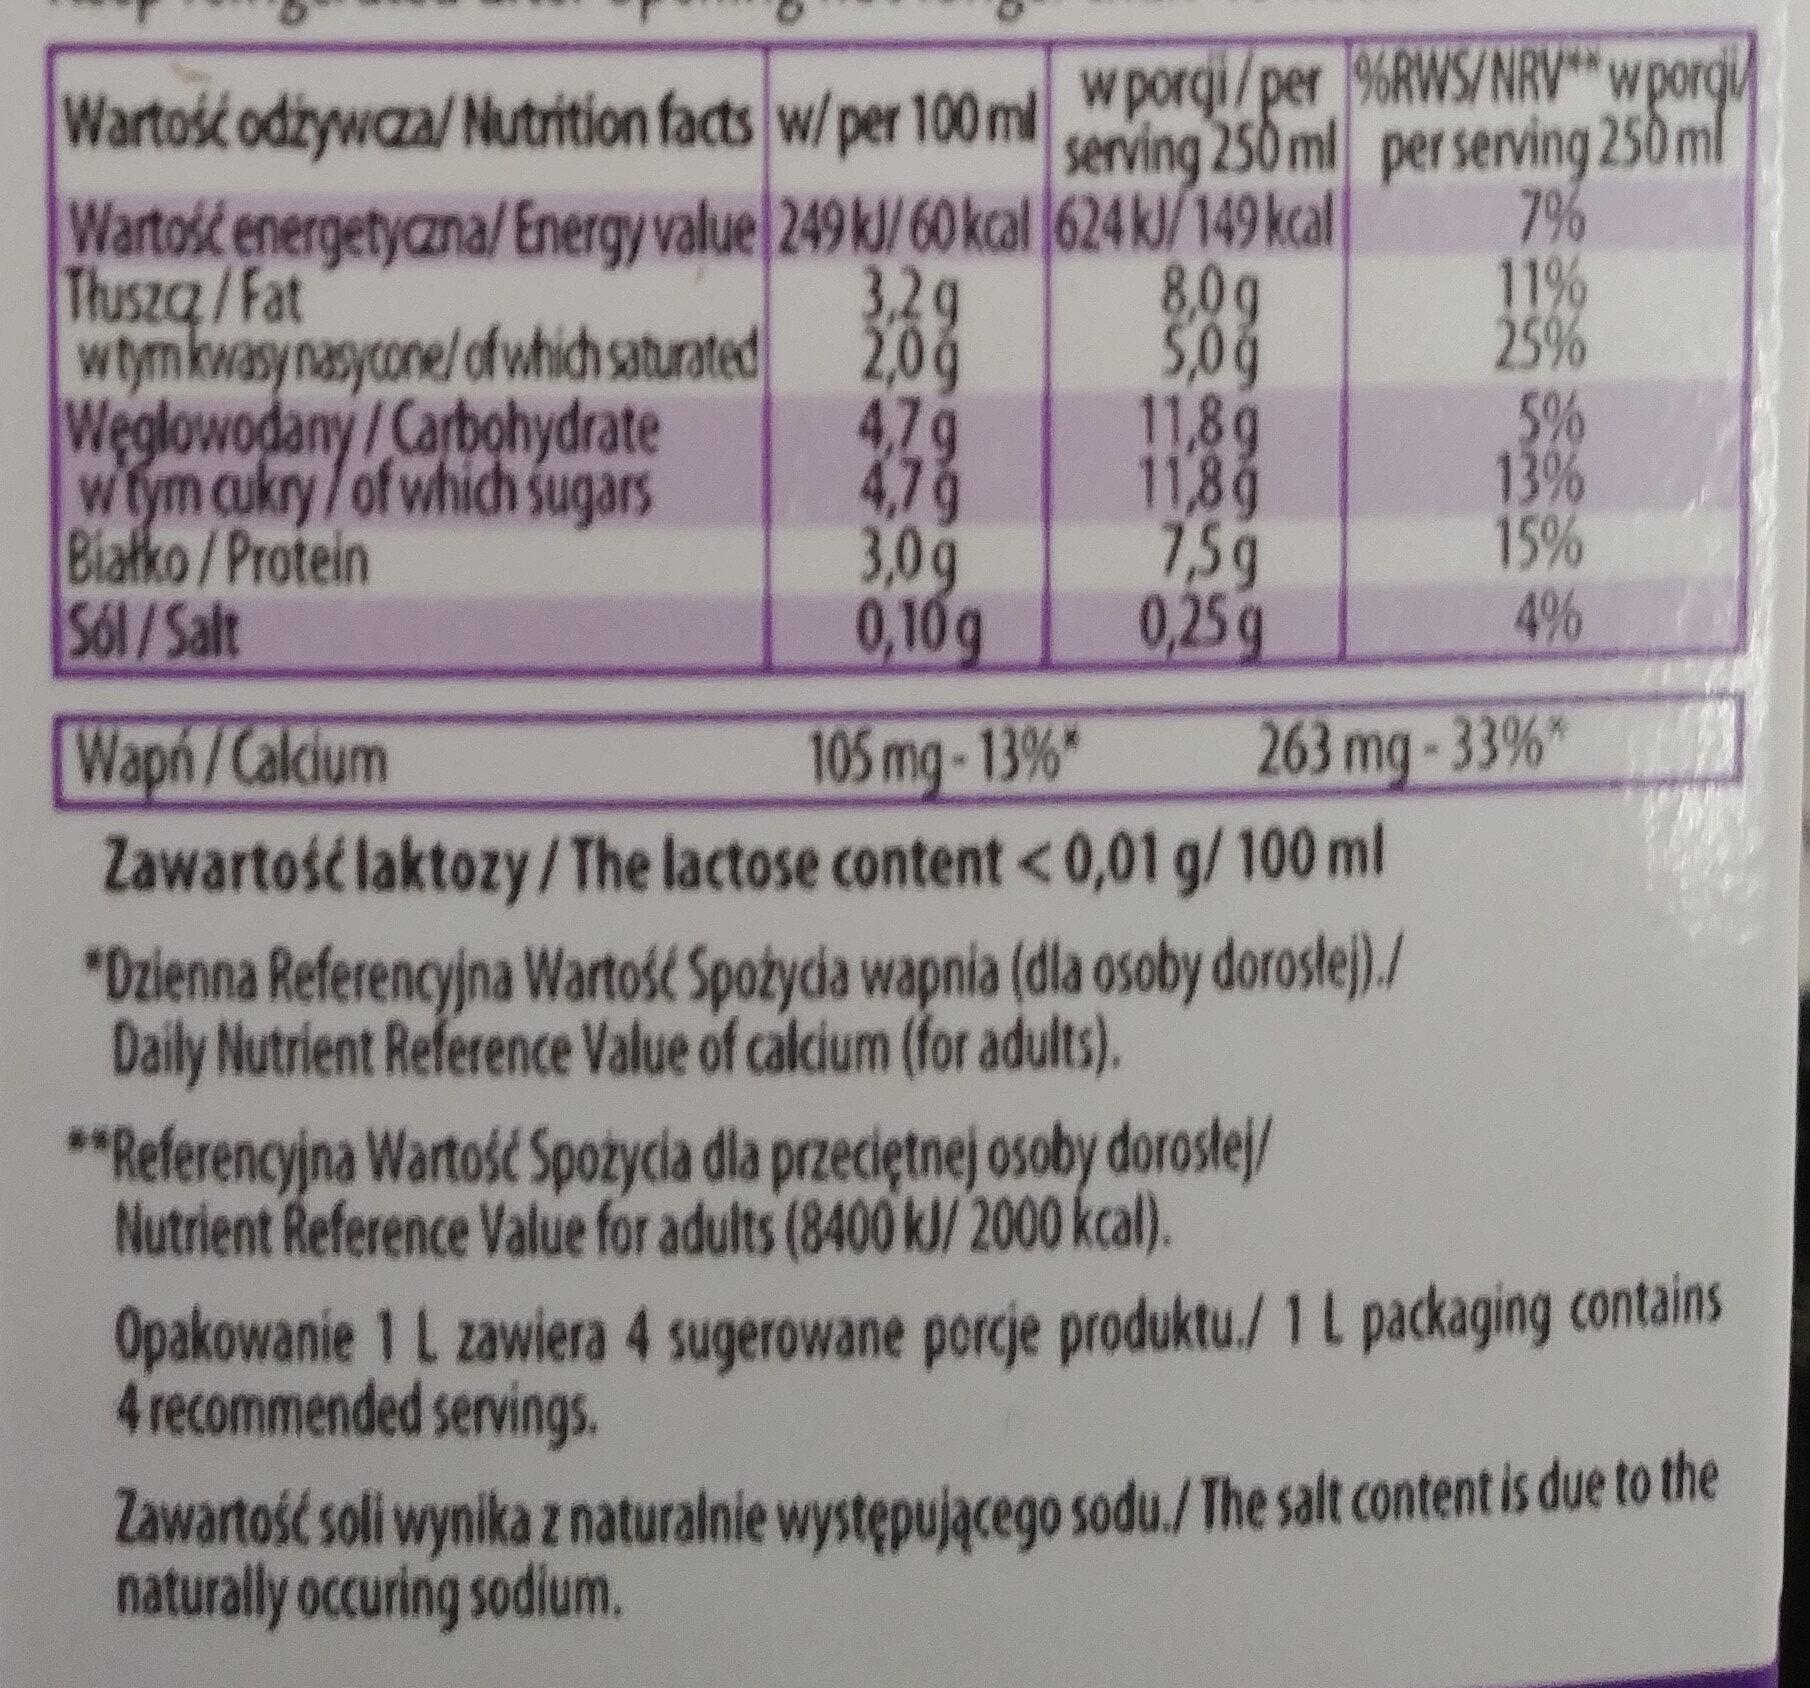 Mleko wydojone 3,2% bez laktozy - Wartości odżywcze - pl